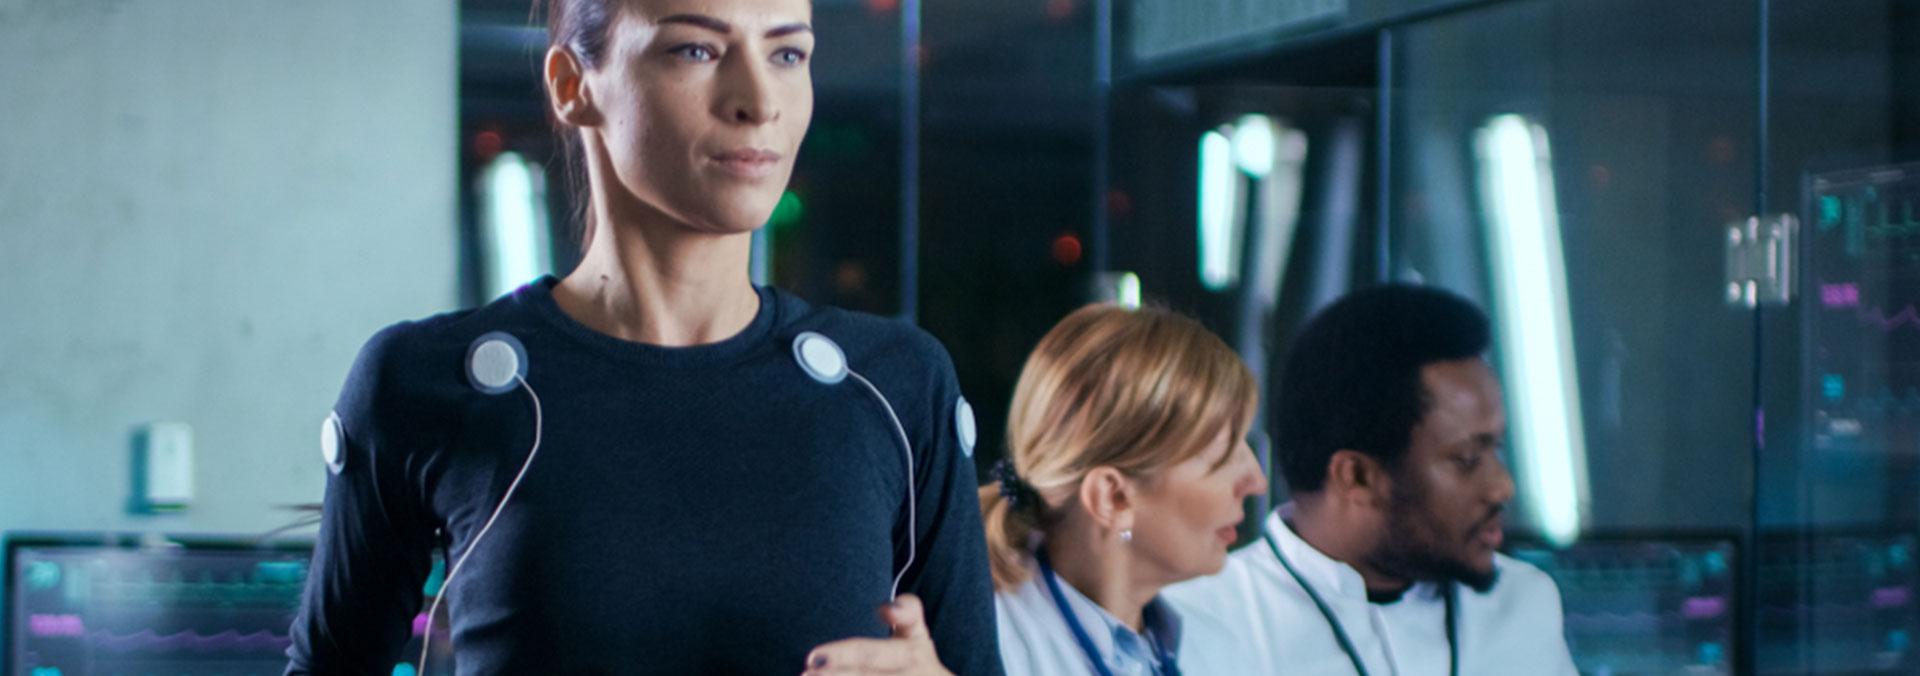 Hareket ve Antrenman Bilimleri (Doktora)